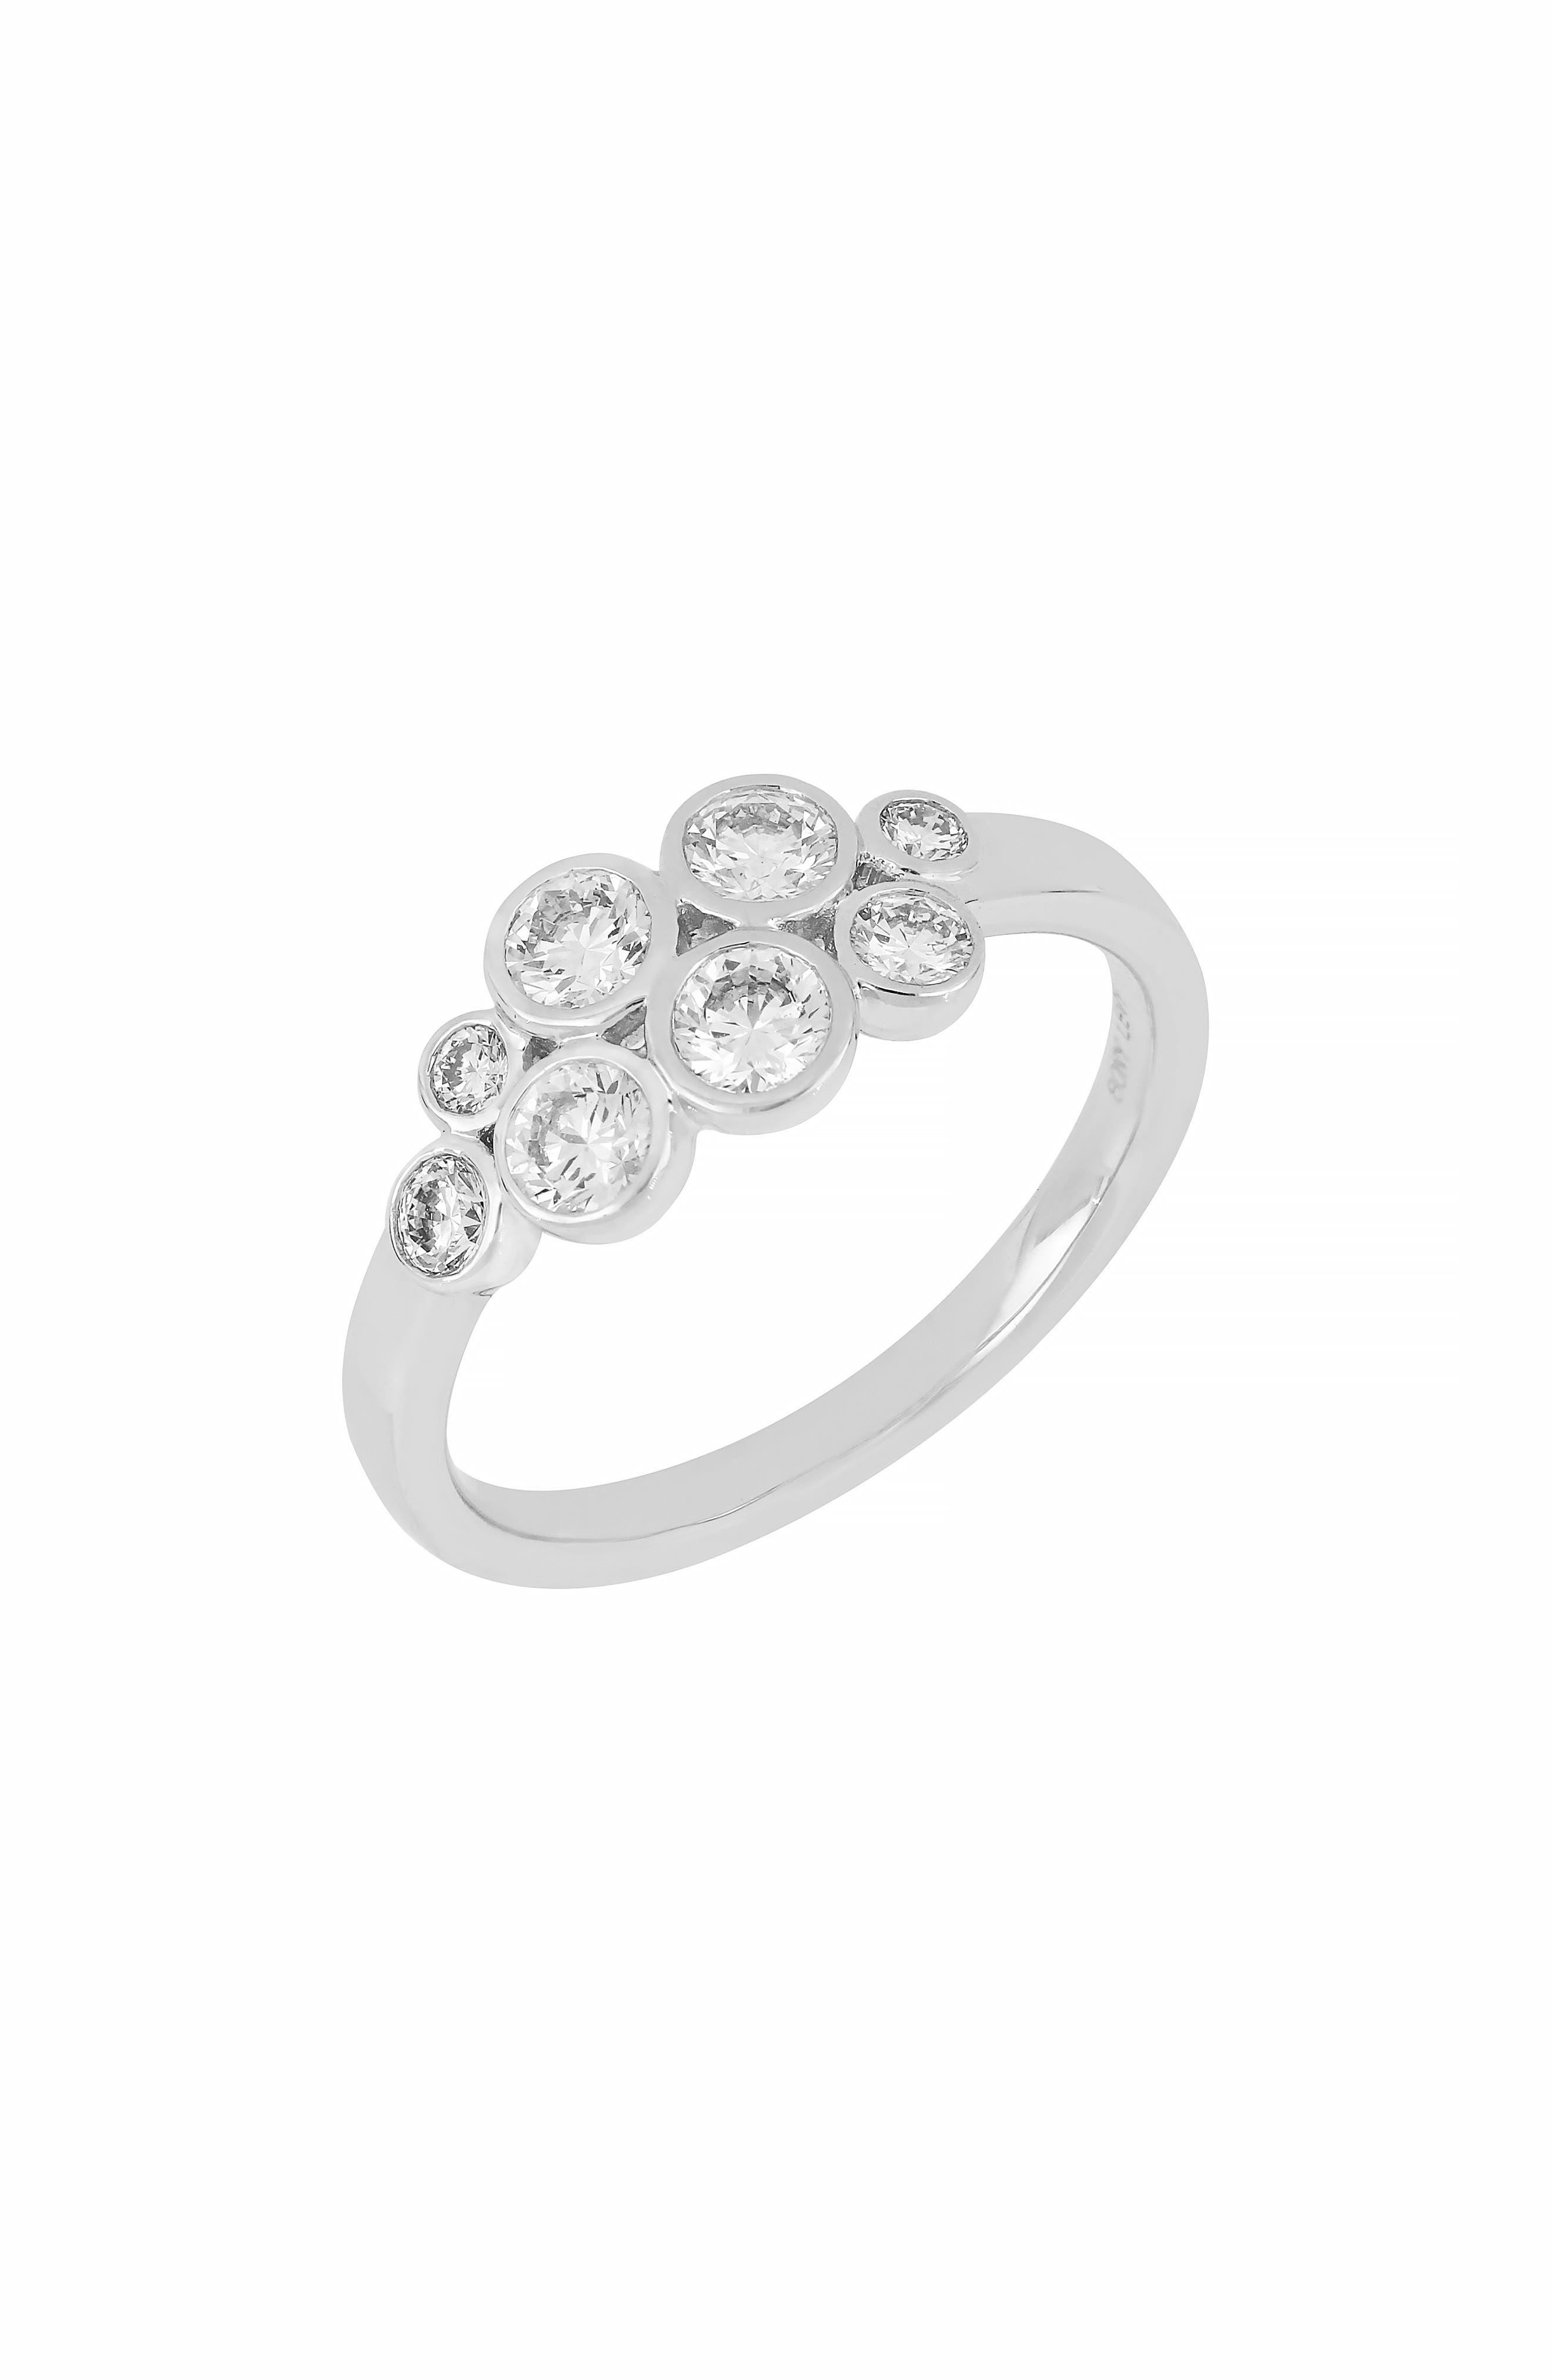 Bubble Diamond Ring,                             Main thumbnail 1, color,                             WHITE GOLD/ DIAMOND